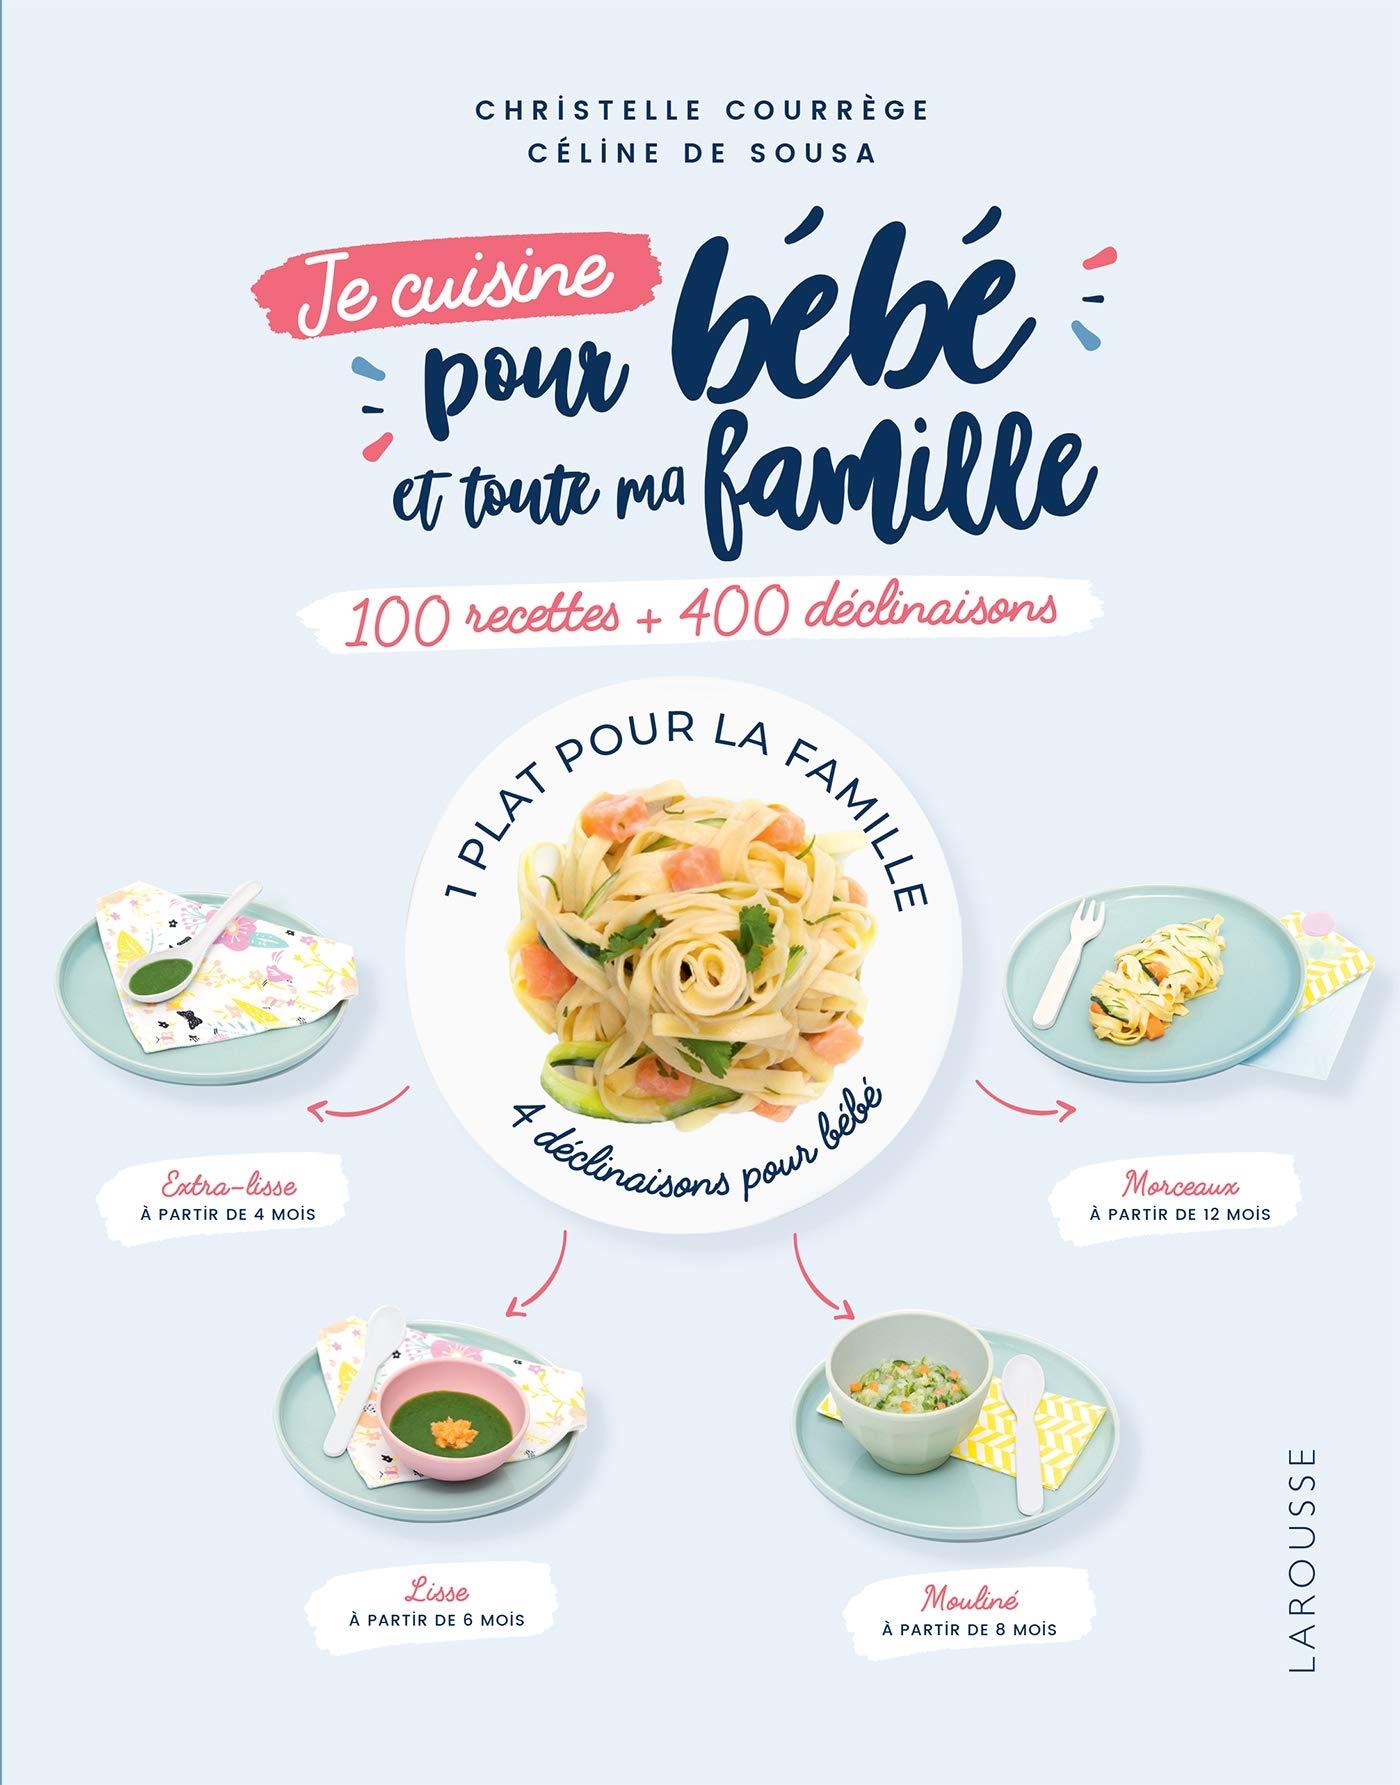 Je cuisine pour bébé et toute ma famille por Christelle Courrege